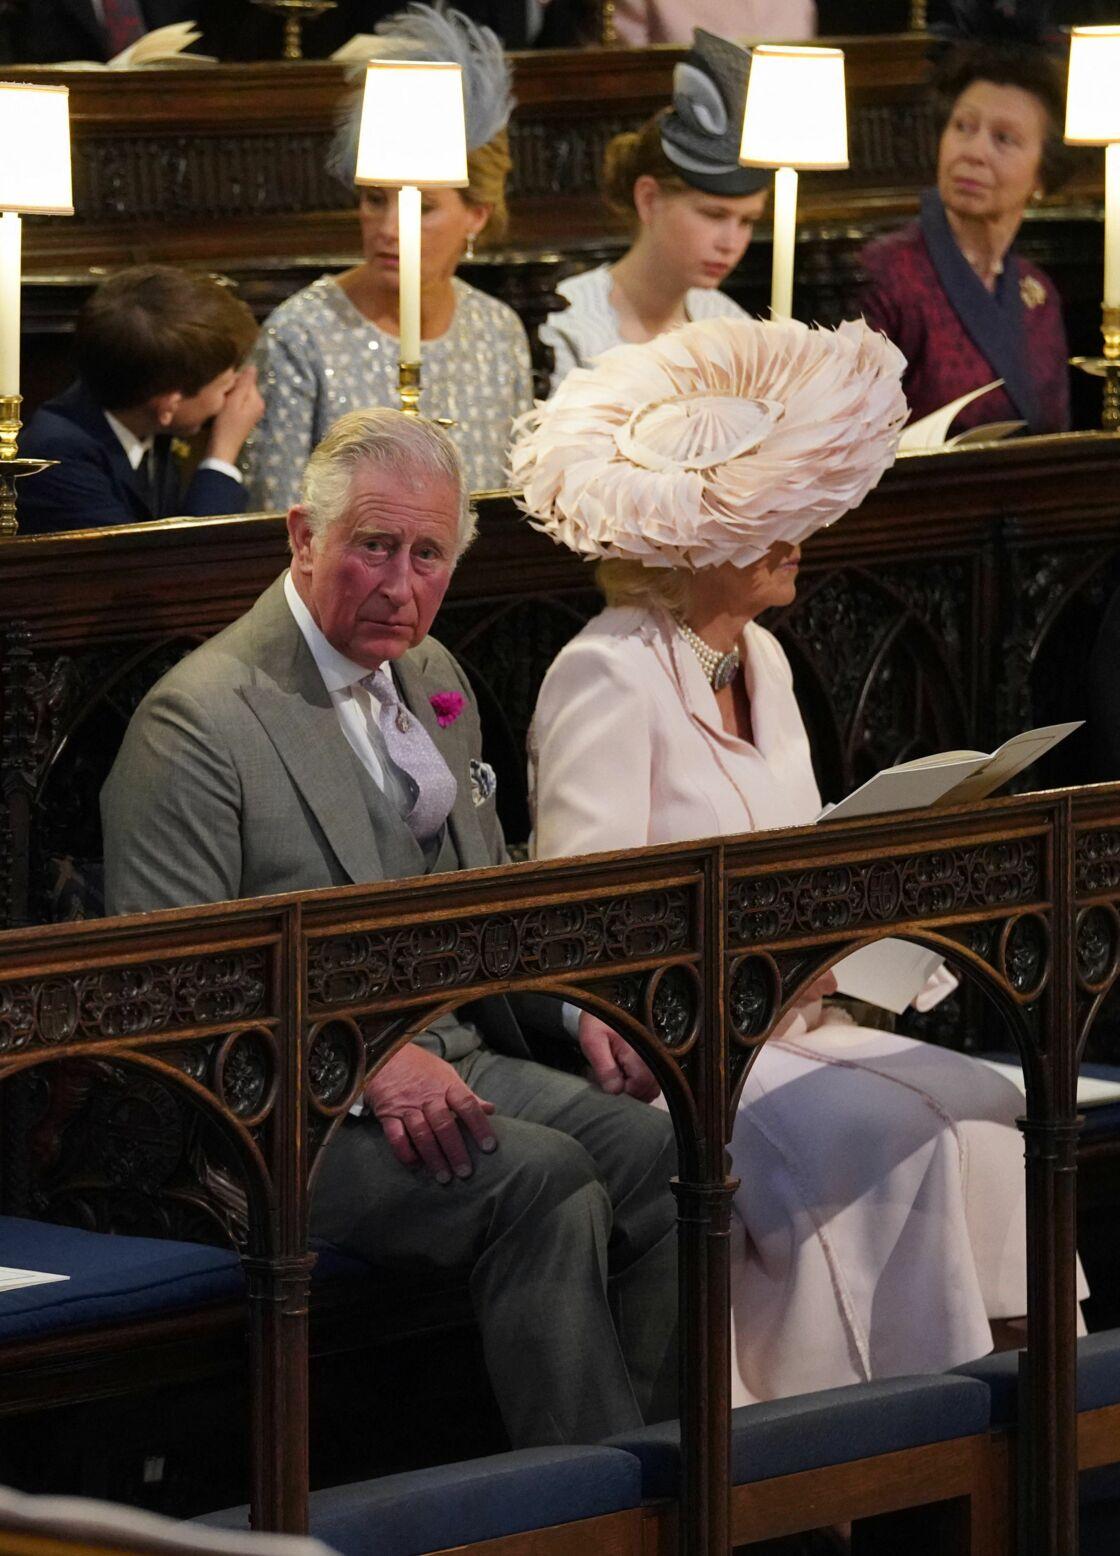 Le prince Charles et Camilla Parker Bowles lors du mariage d'Harry et Meghan Markle, le 19 mai 2018, à Windsor